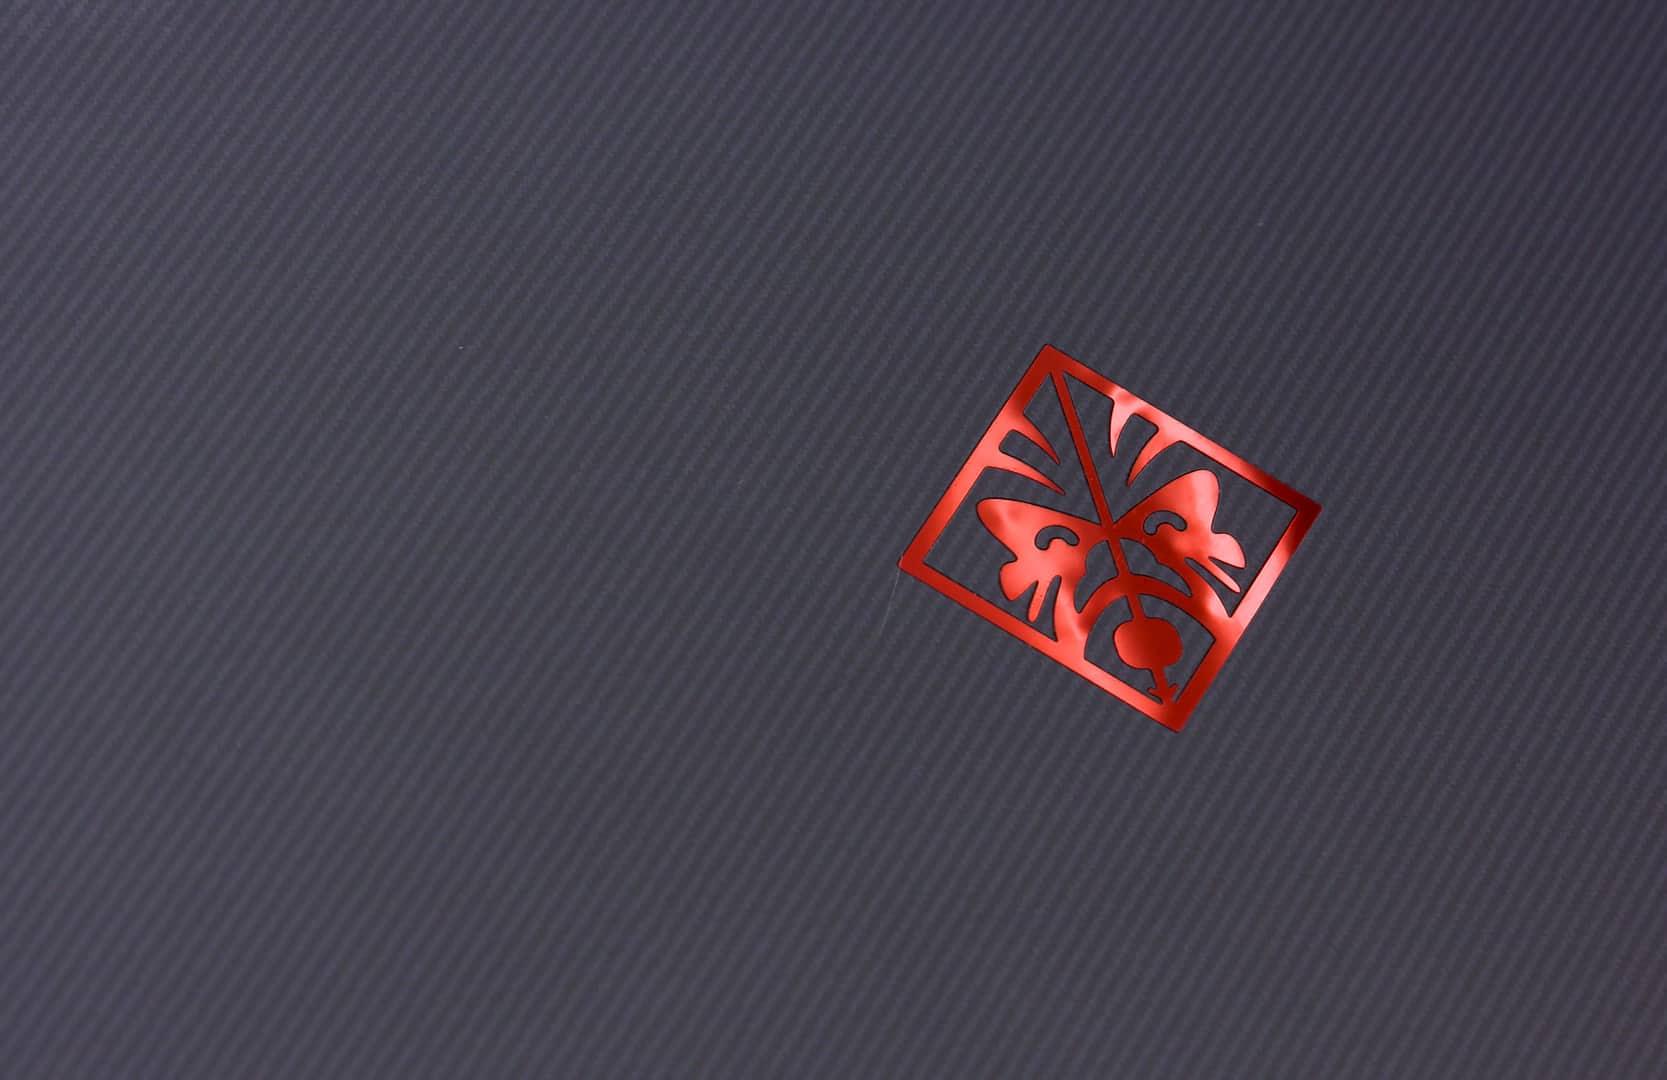 Логотип на крышке ноутбука